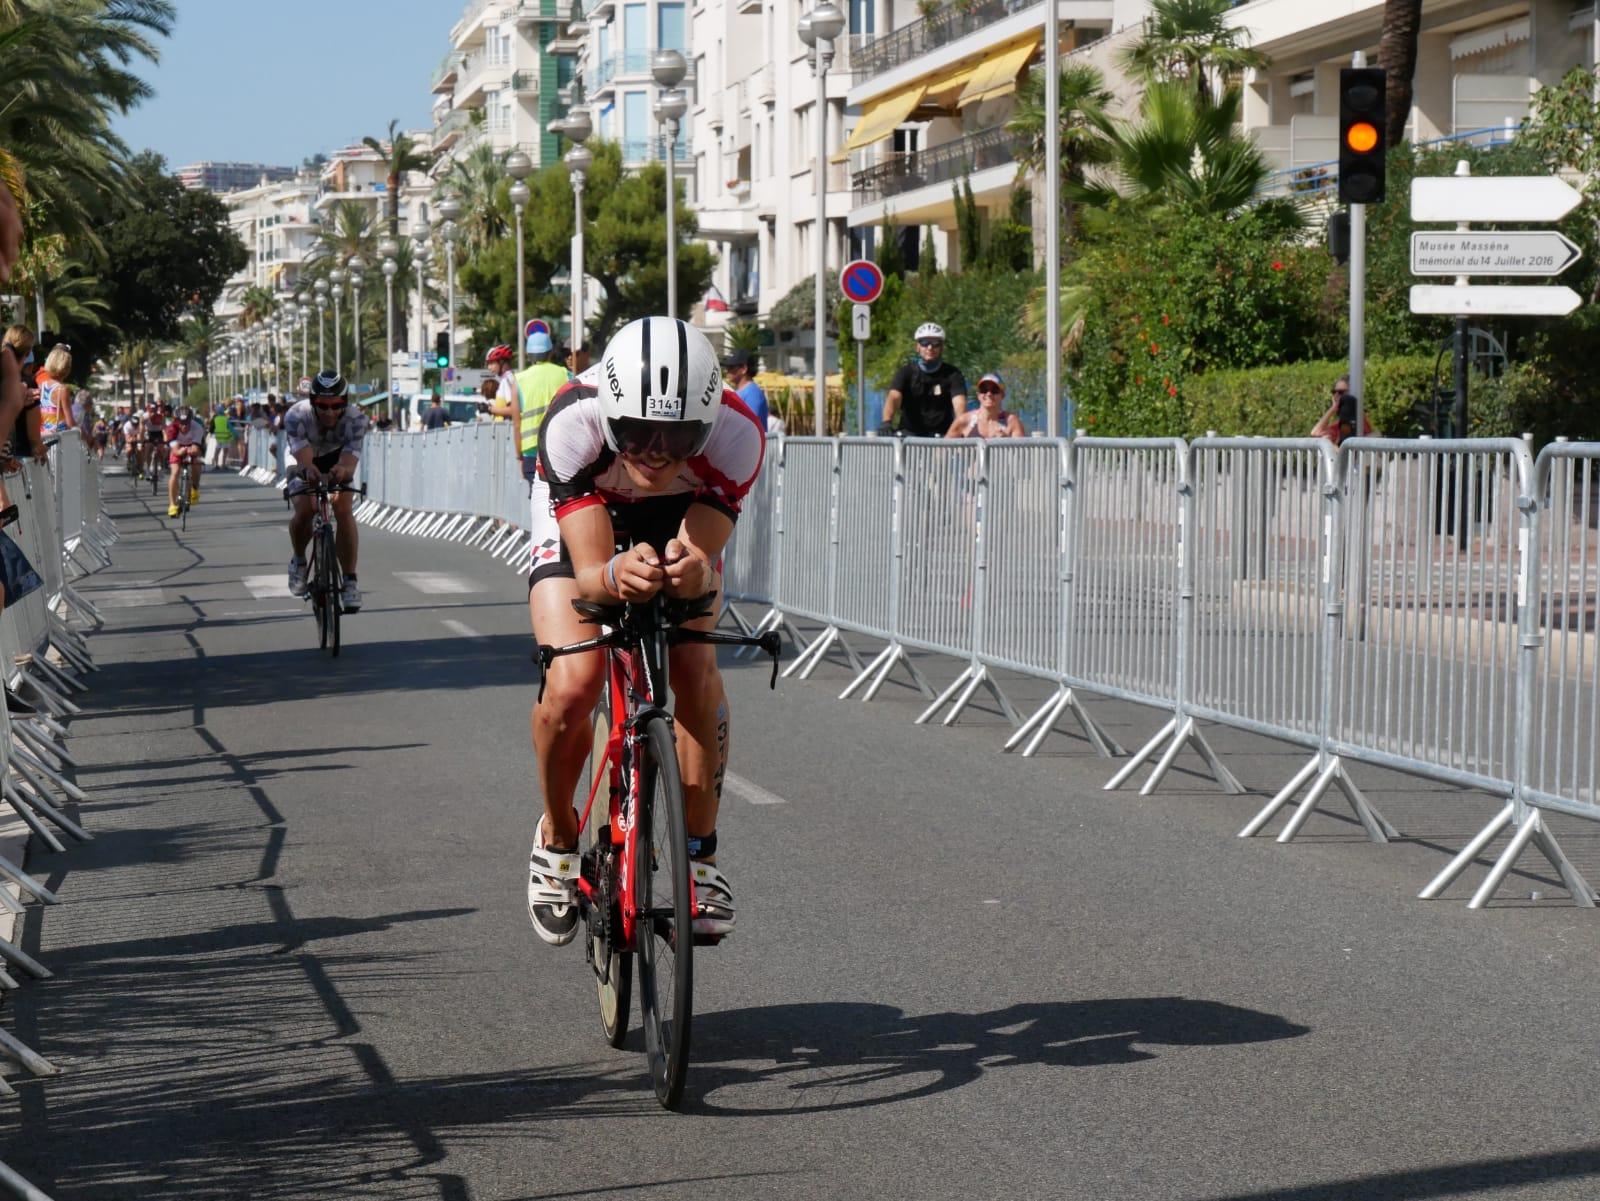 Simon hatte auf der Radstrecke großen Spaß